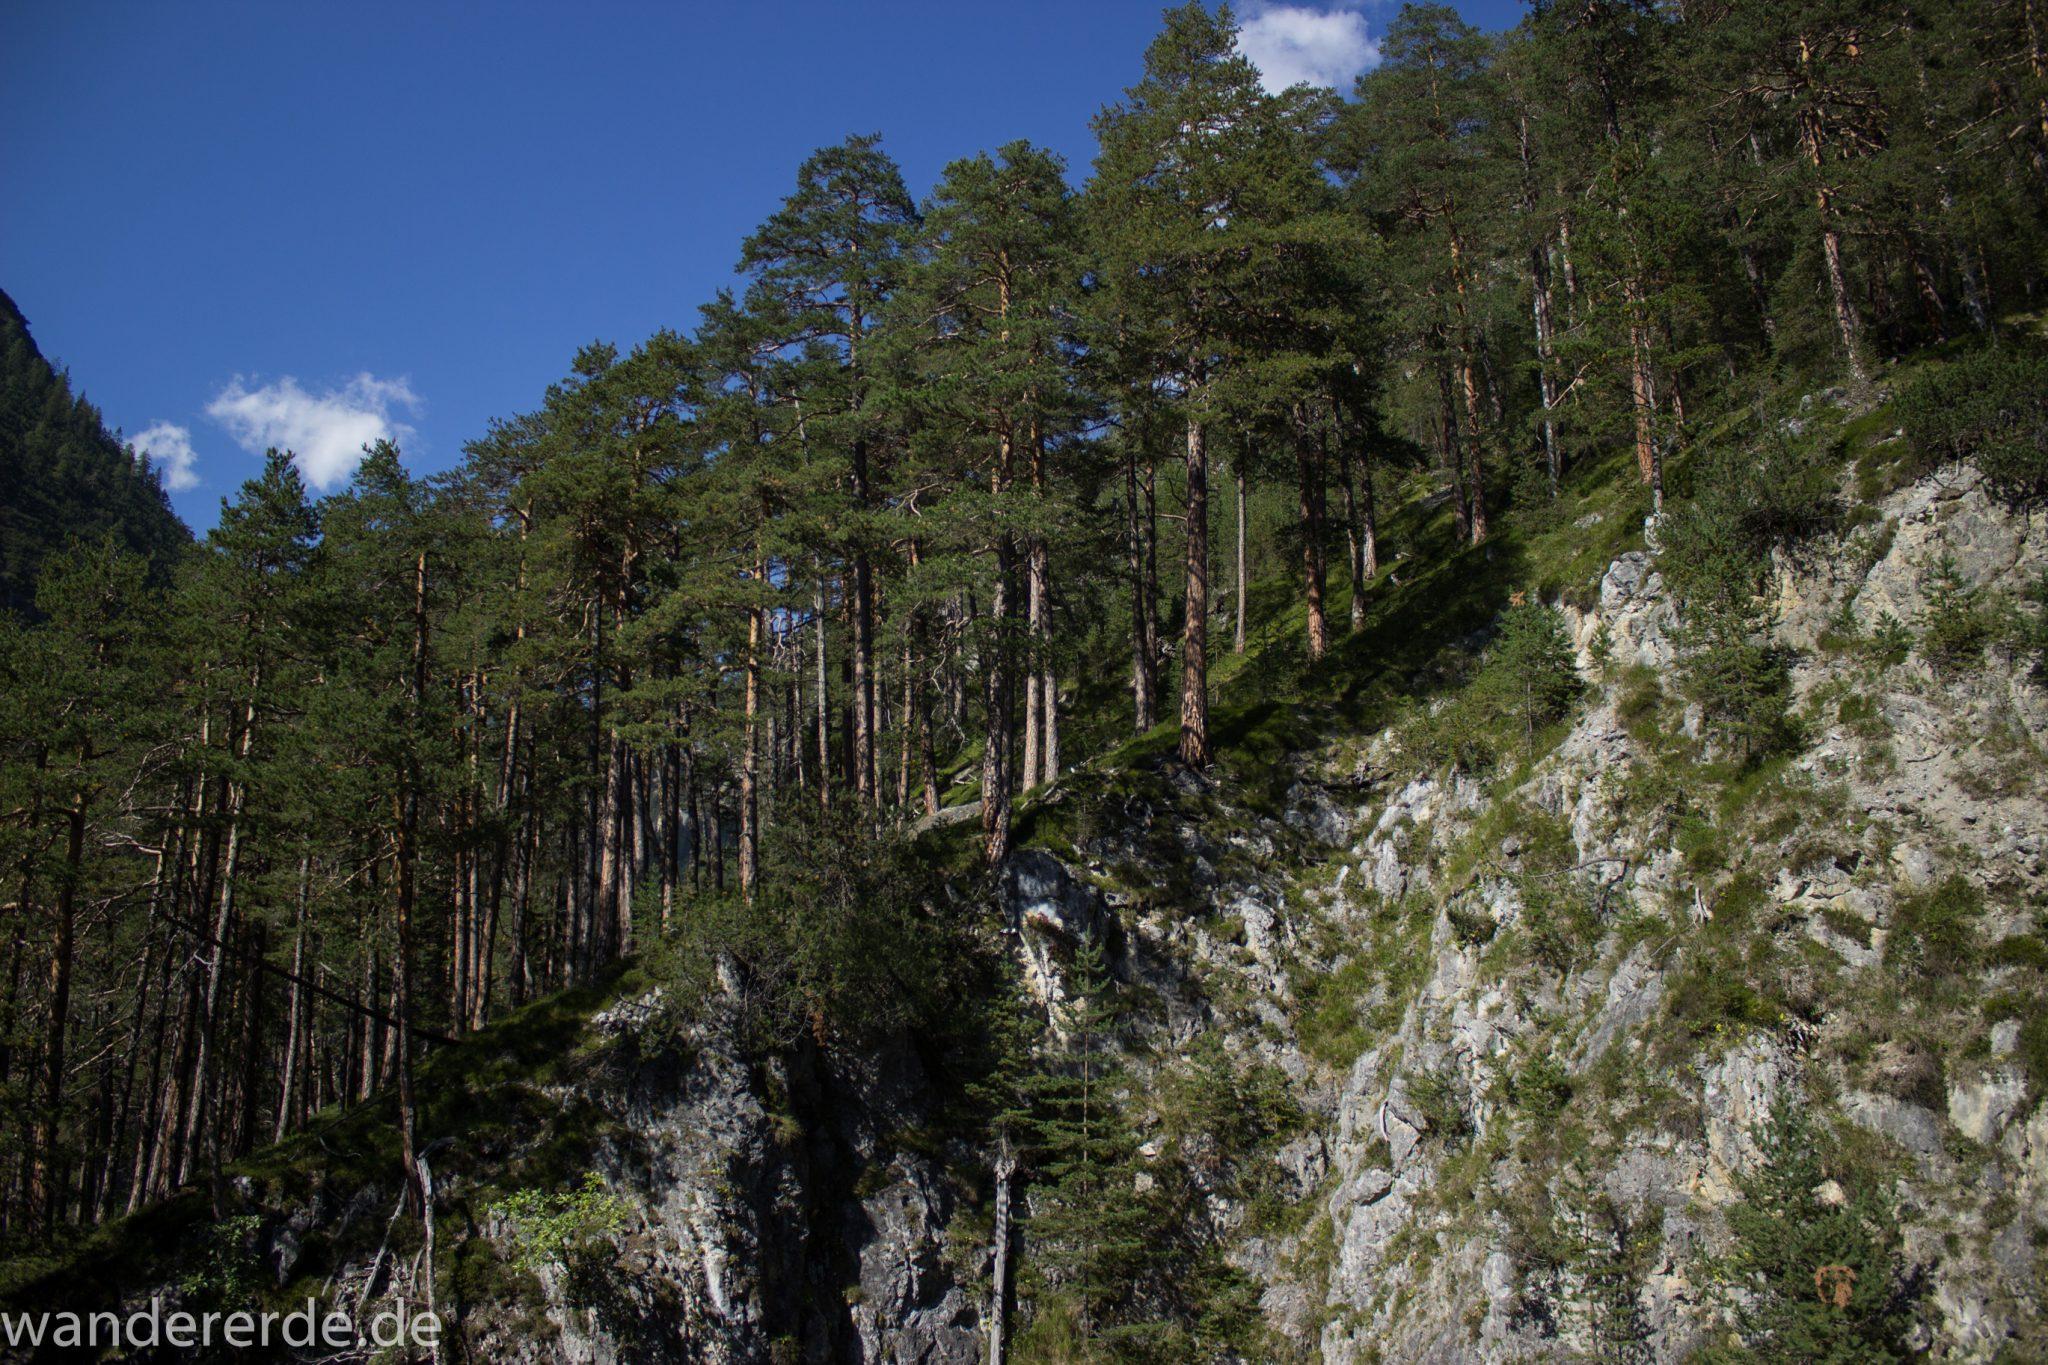 Alpenüberquerung Fernwanderweg E5 Oberstdorf Meran, 3. Etappe von Memminger Hütte zur Skihütte Zams, nach Erreichen der Seescharte folgt ein sehr langer Abstieg auf schmalem Wanderpfad Richtung Zams durch das Zammer Loch, Abschnitt  mit saftig grüner Vegetation, ab und zu Schatten